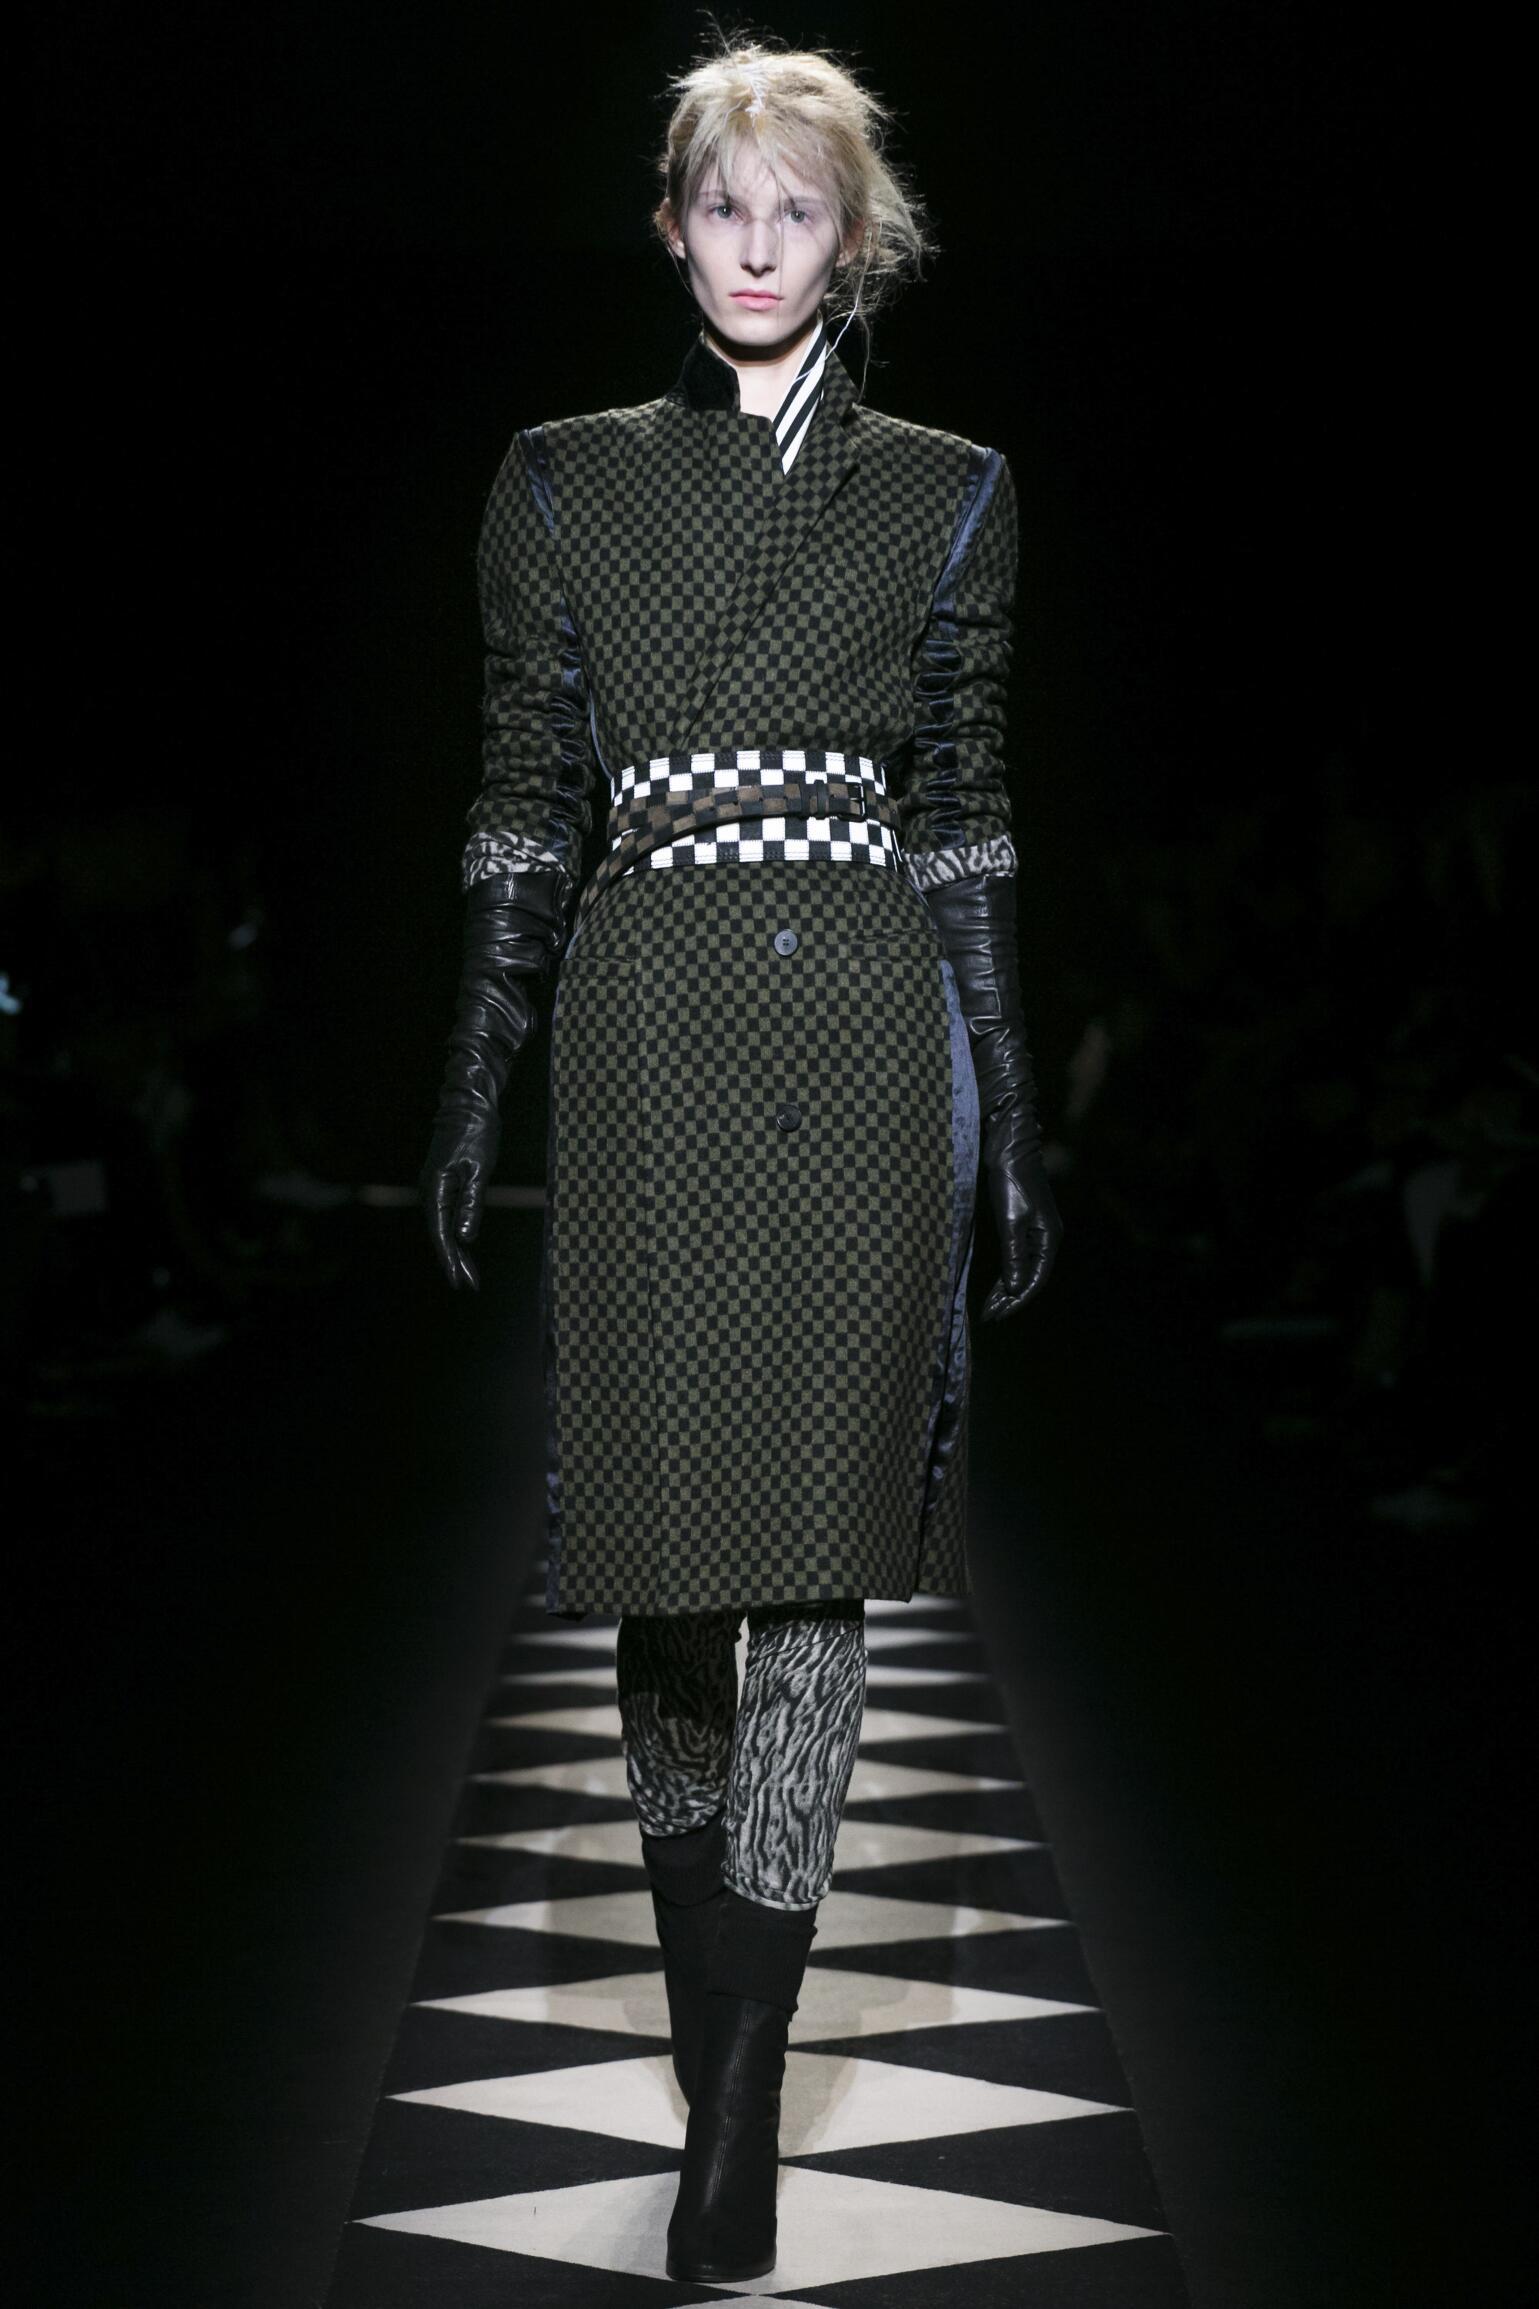 2016 Fall Fashion Woman Haider Ackermann Collection